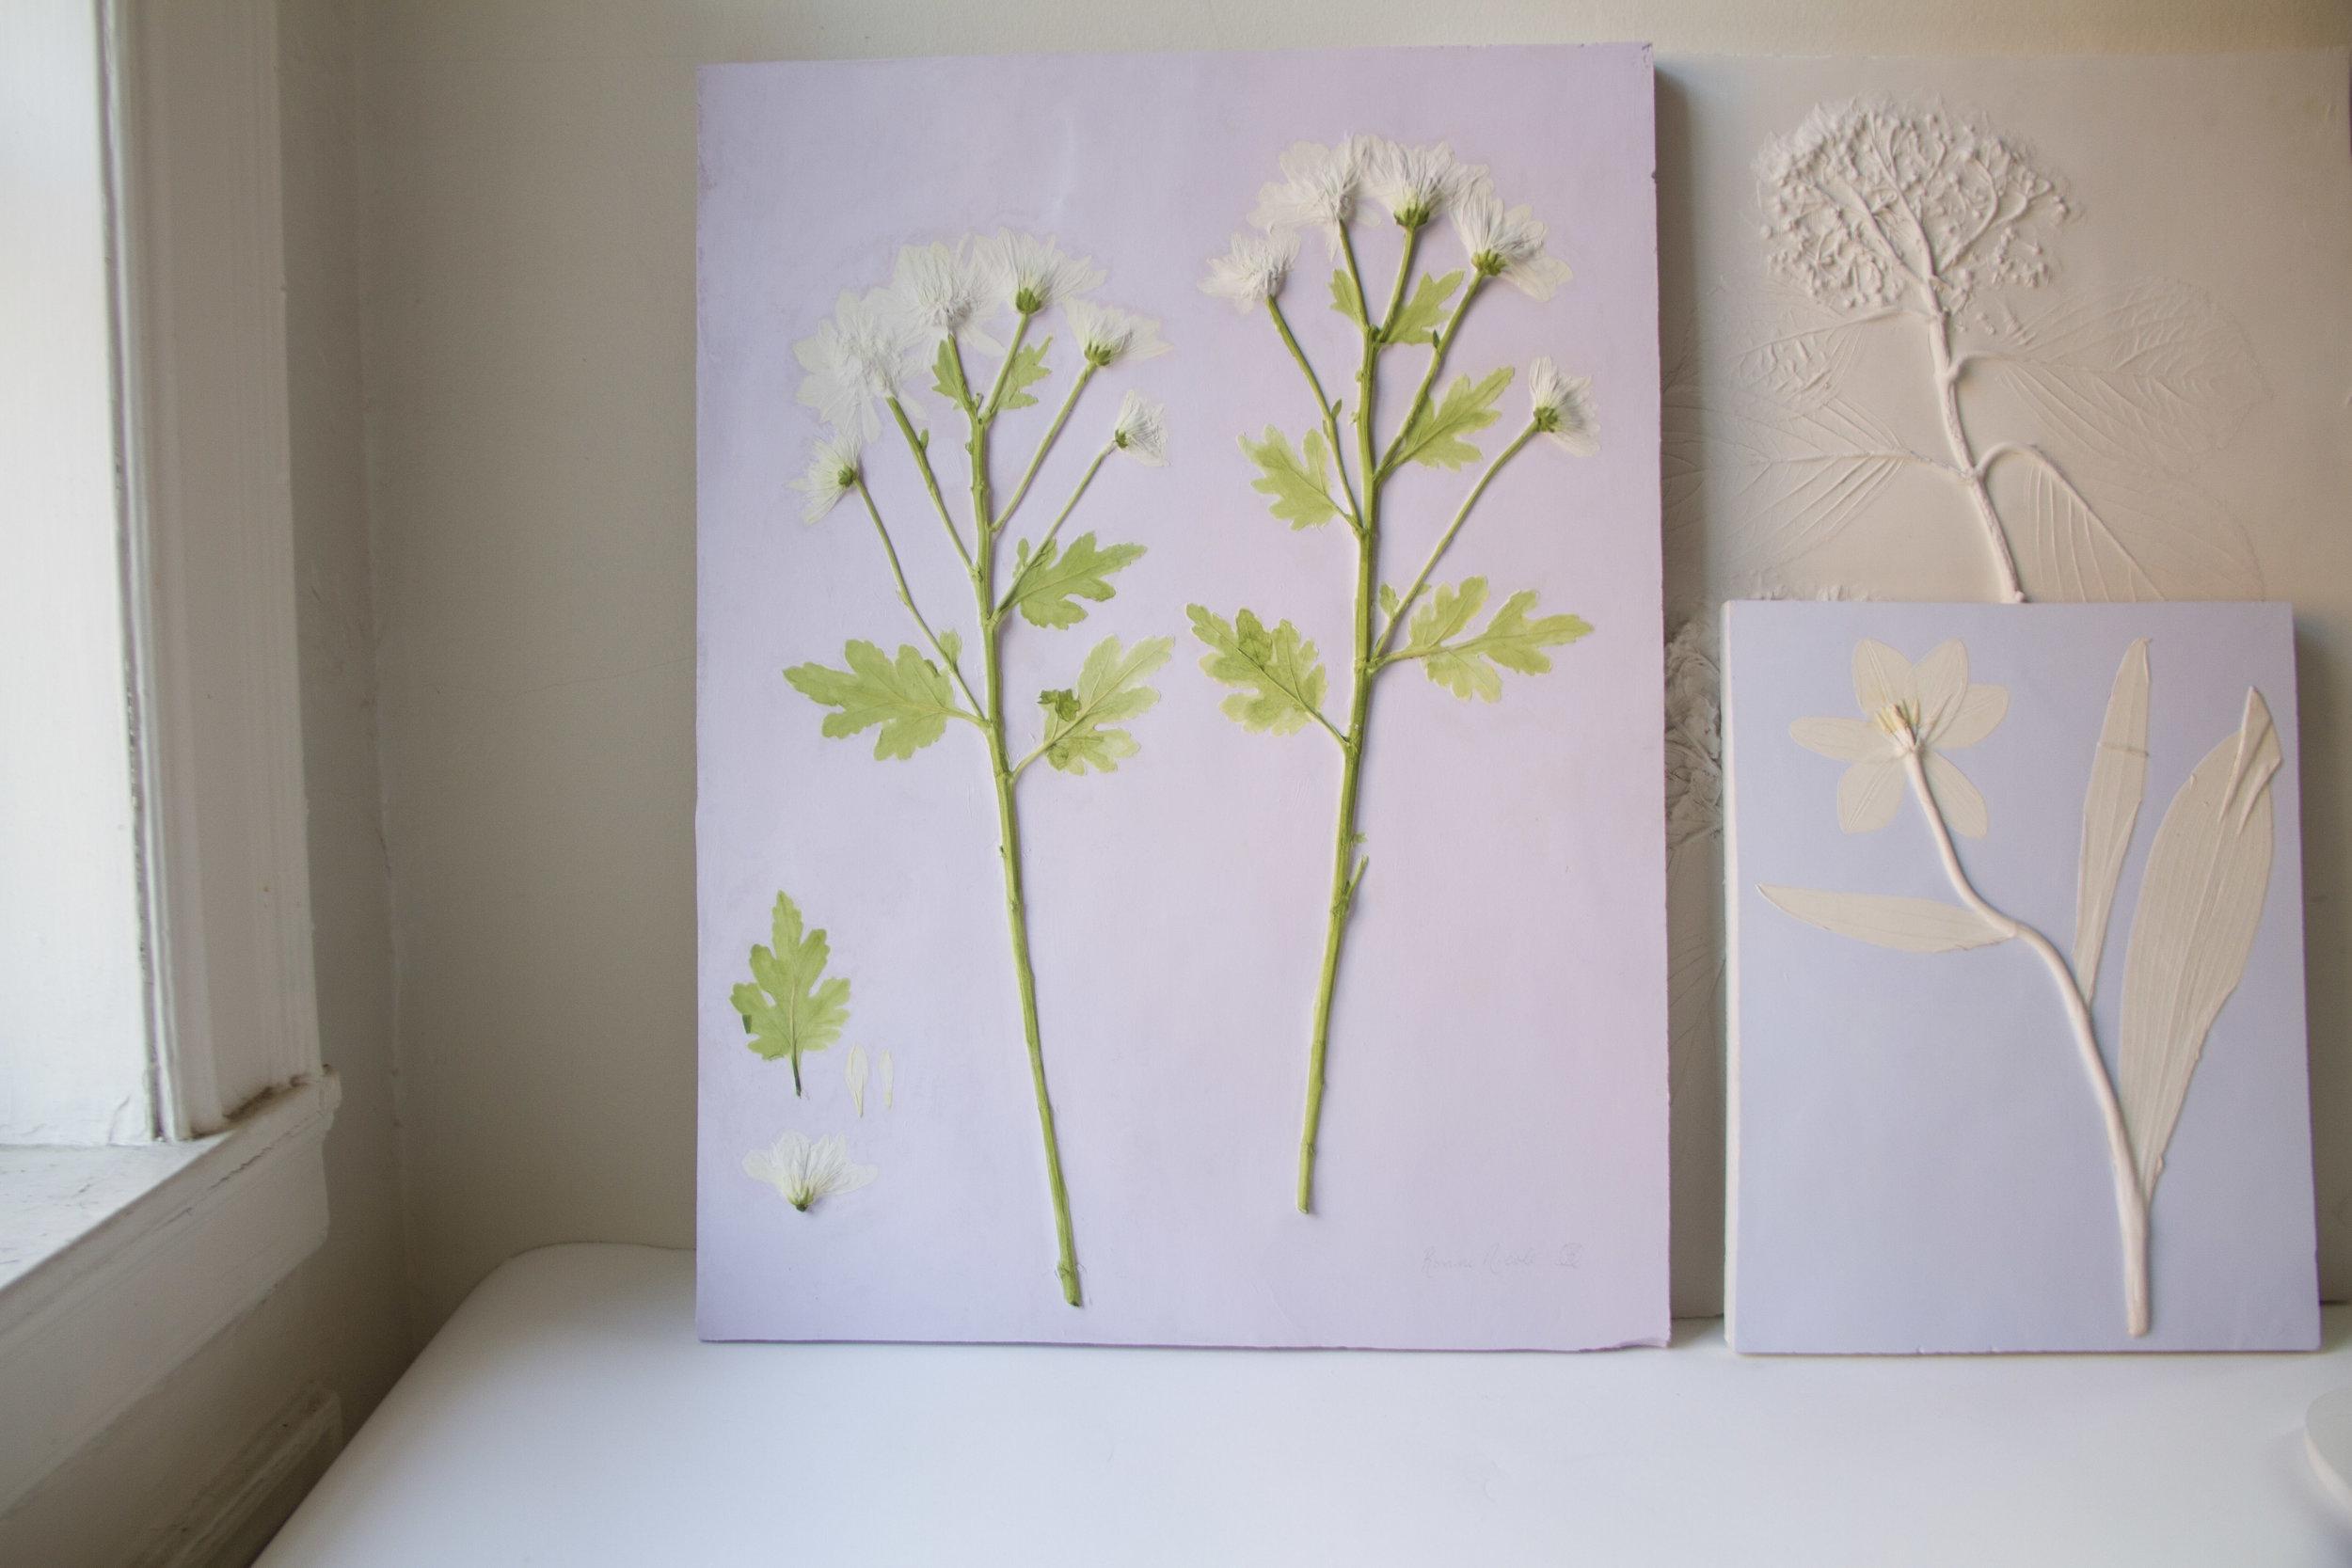 Chrysanthemum - Mums 01 - 03 -